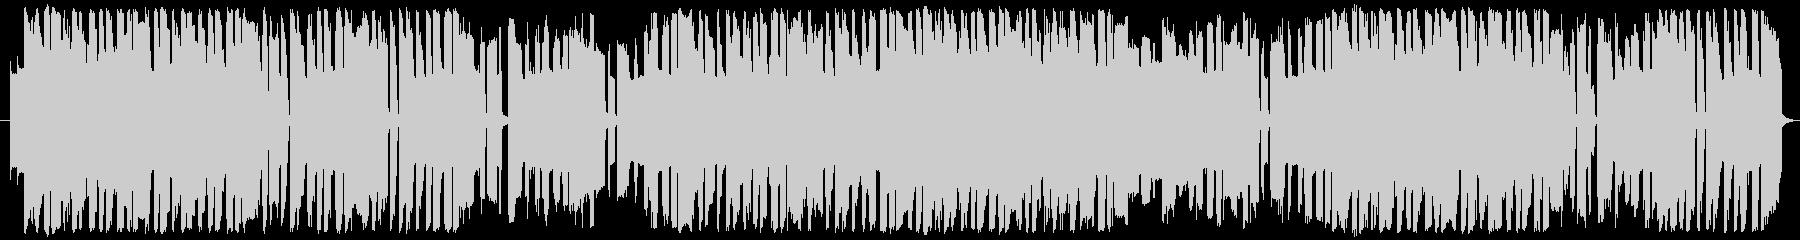 8bit風ピコピコサウンドの未再生の波形